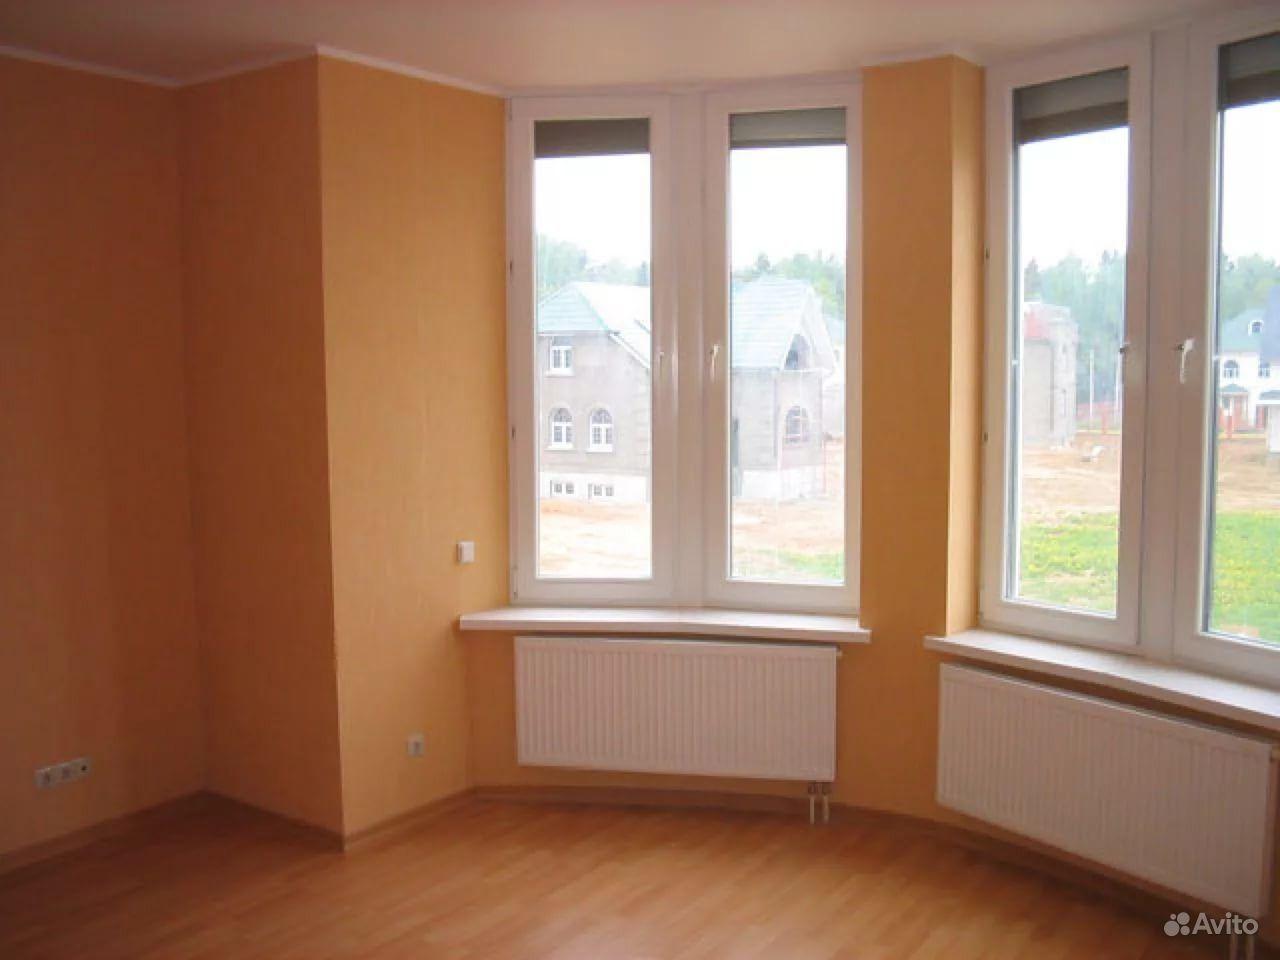 Дизайн и отделка квартир купить на Вуёк.ру - фотография № 2